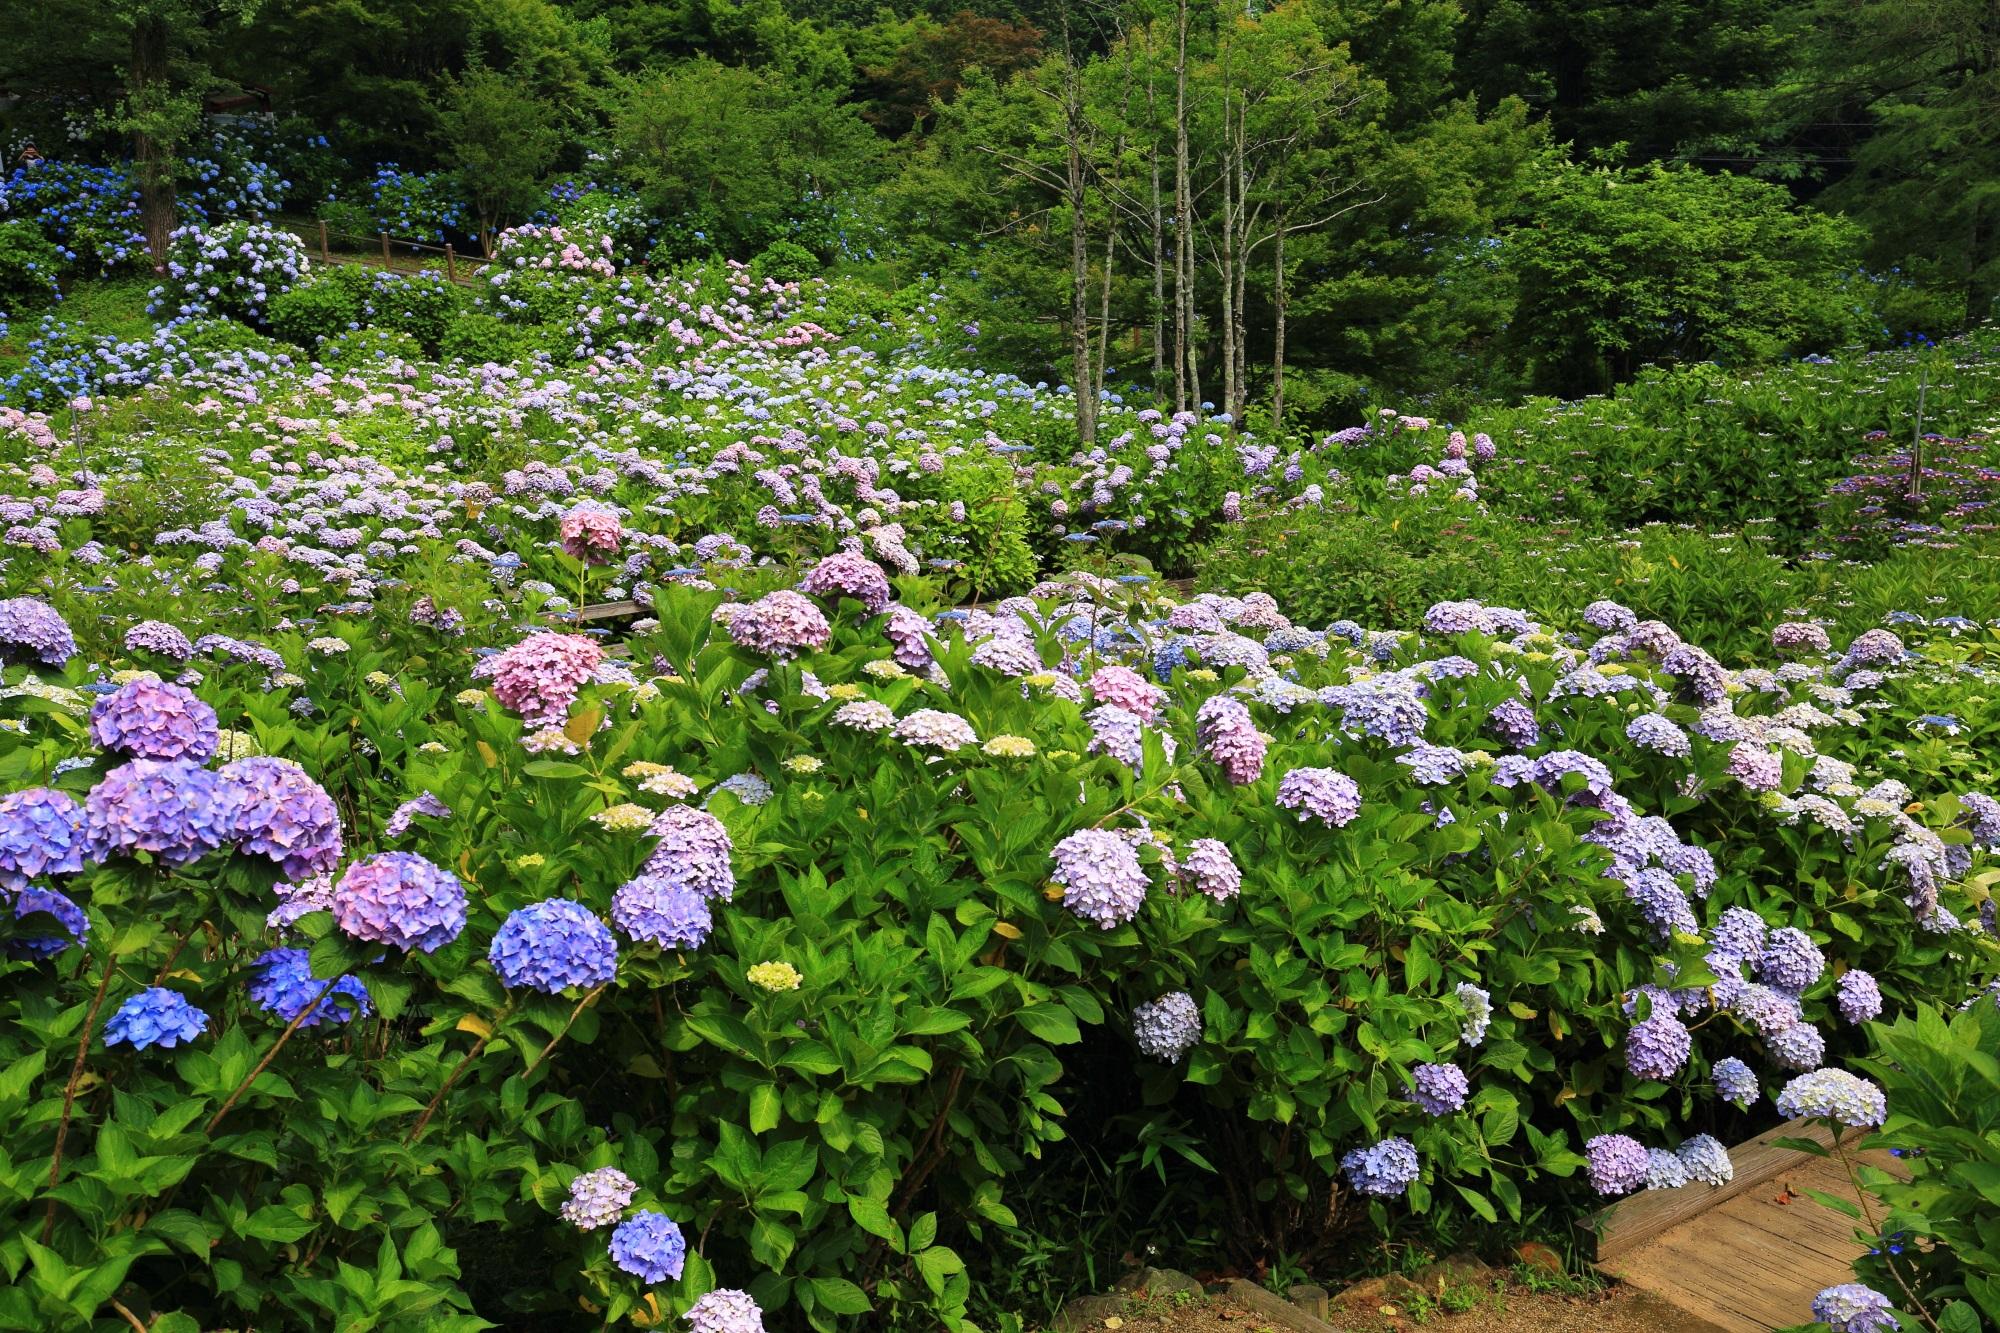 紫陽花を見すぎて頭がだんだんおかしくなるような舞鶴自然文化園